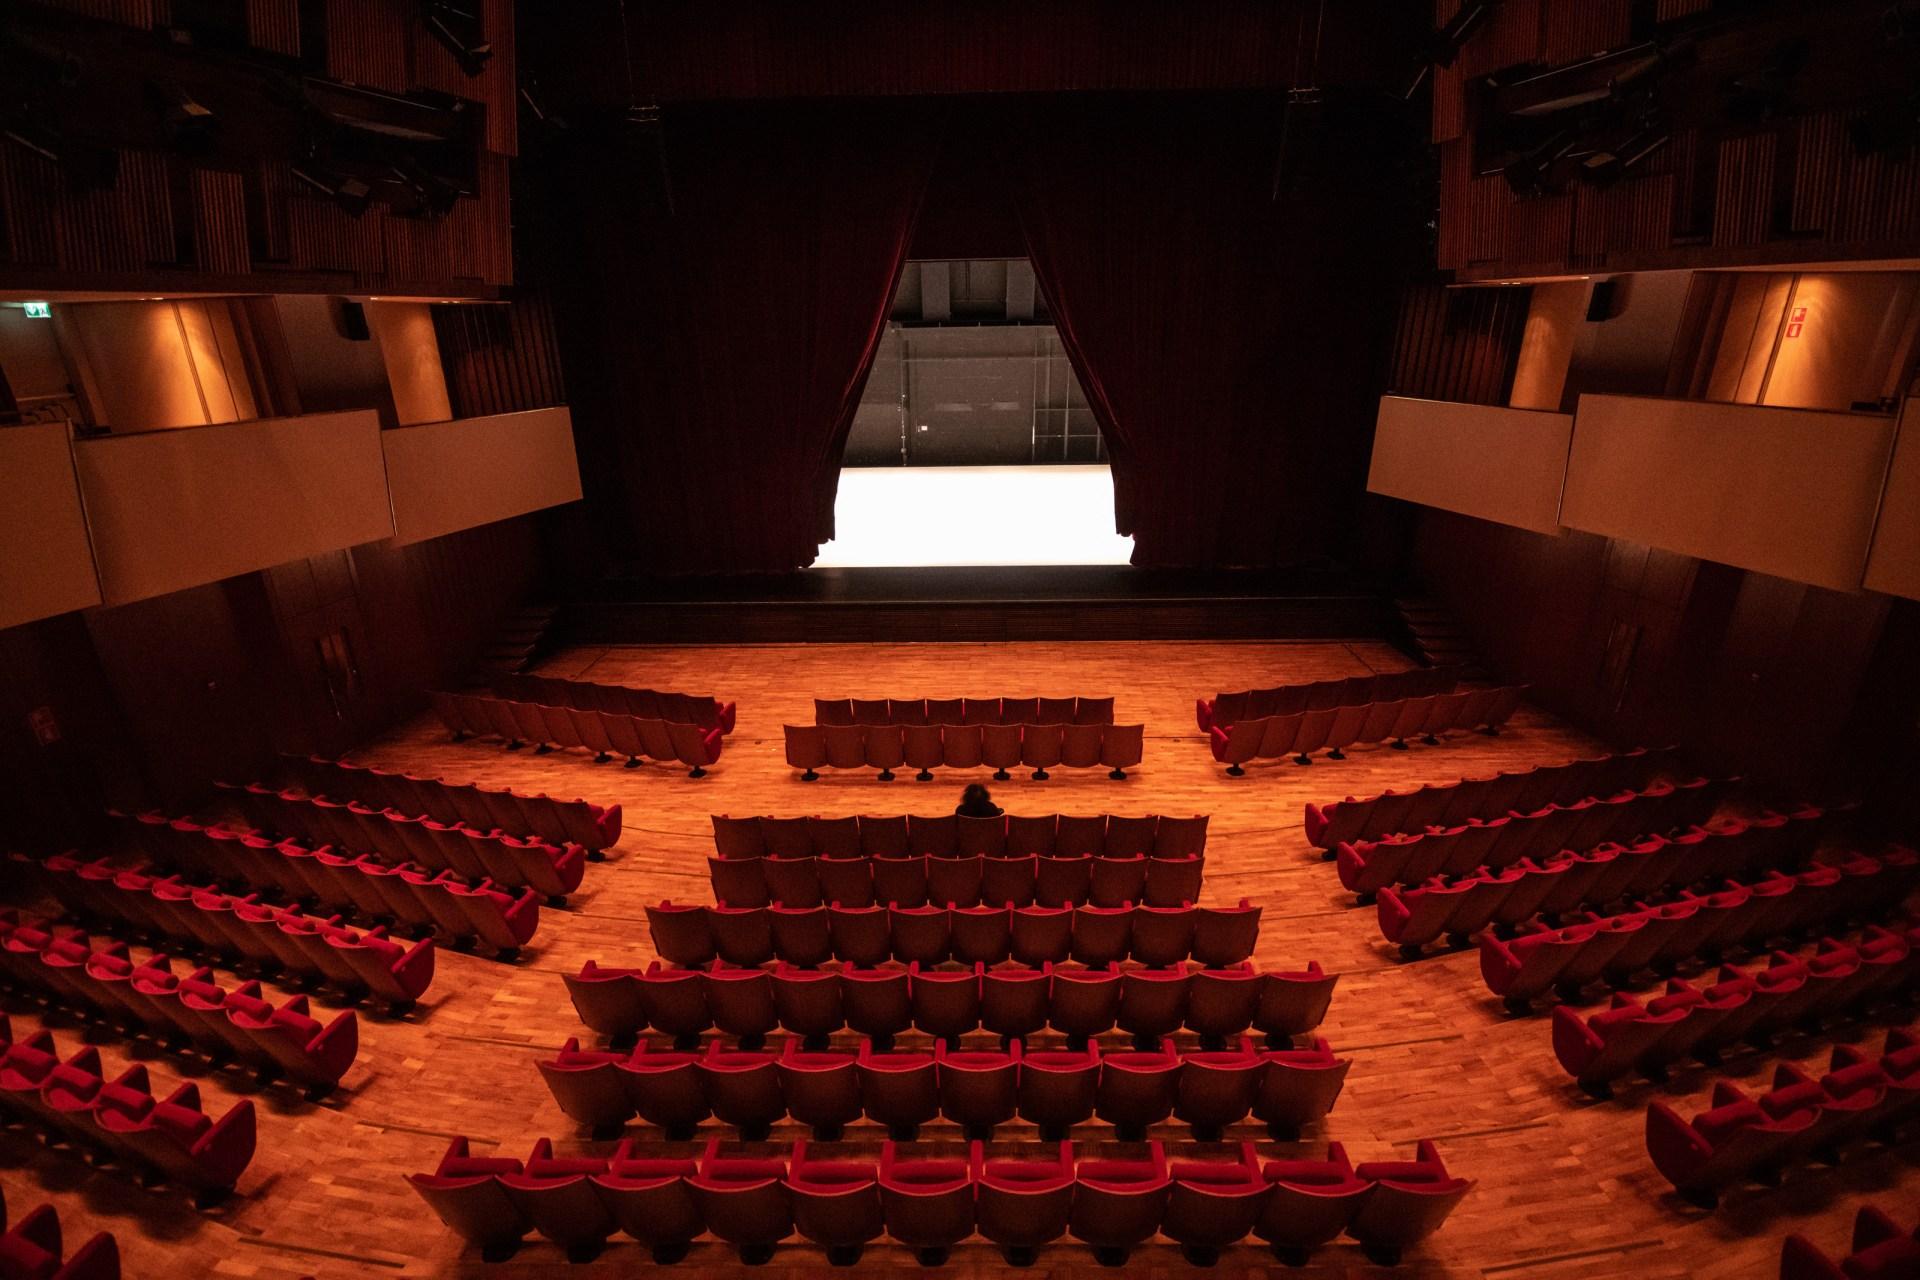 eden-danza-per-uno-spettatore-teatro-stabile-intervista-bolzano-danza